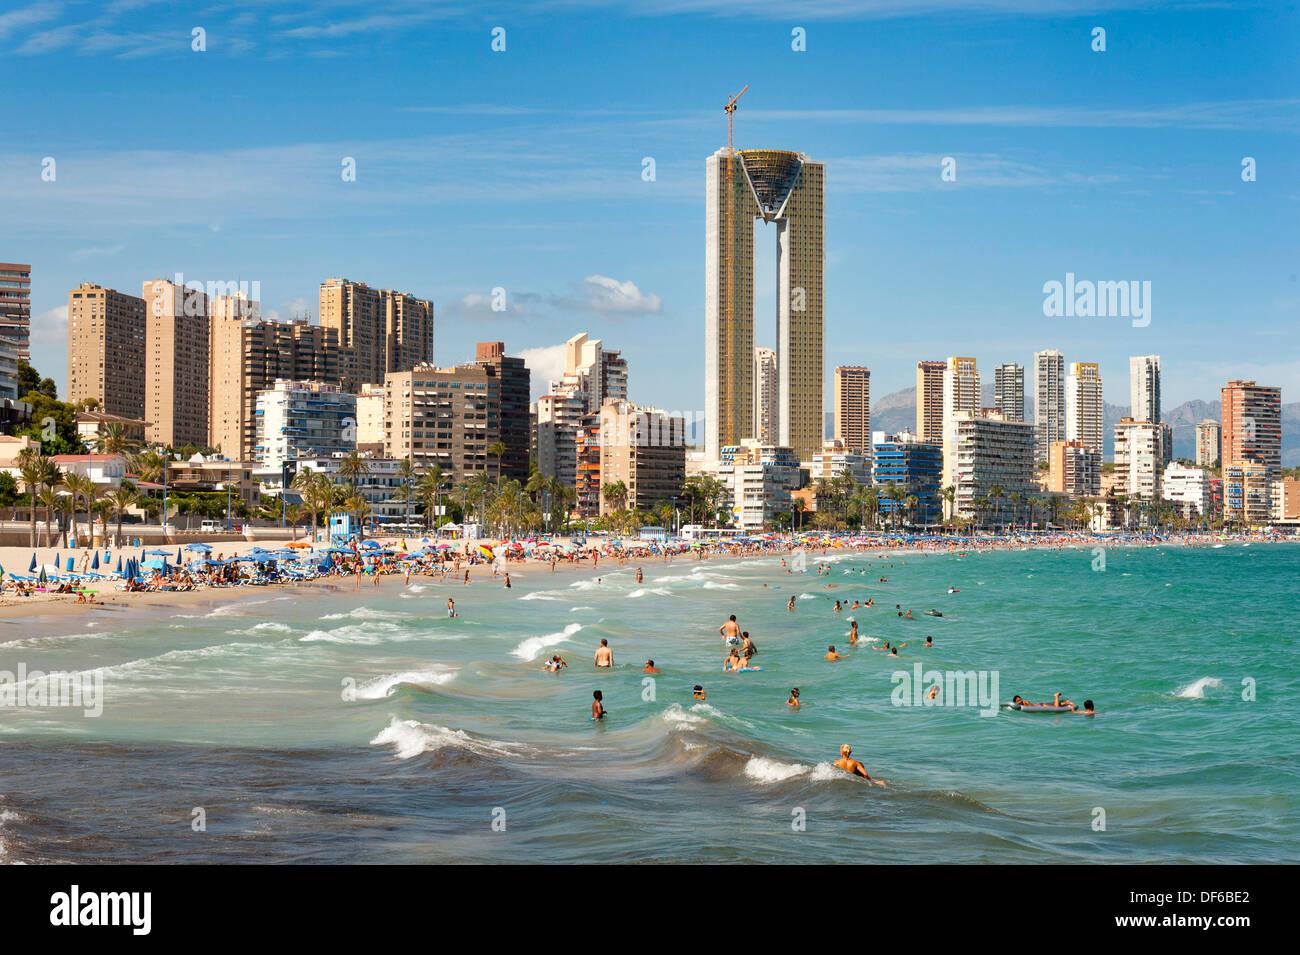 Intempo luxury skyscraper and other high rises in benidorm alicante stock photo royalty free - Stock uno alicante ...